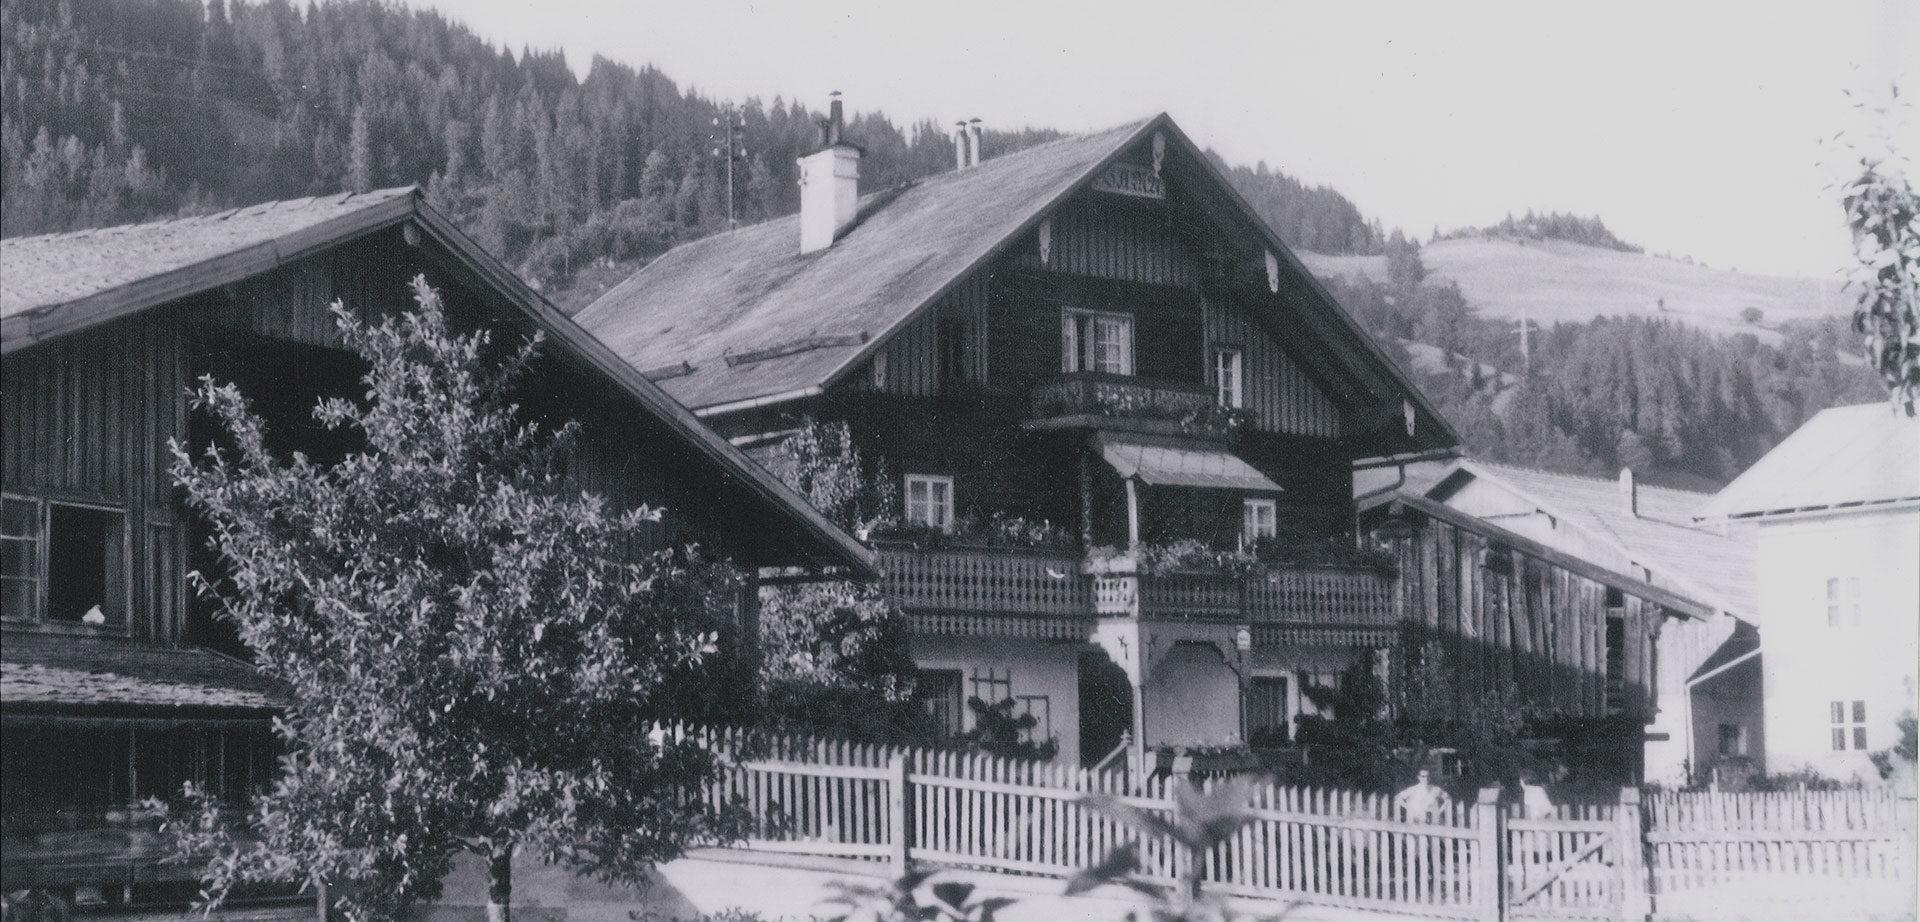 Chronicle - Schobergut in Radstadt